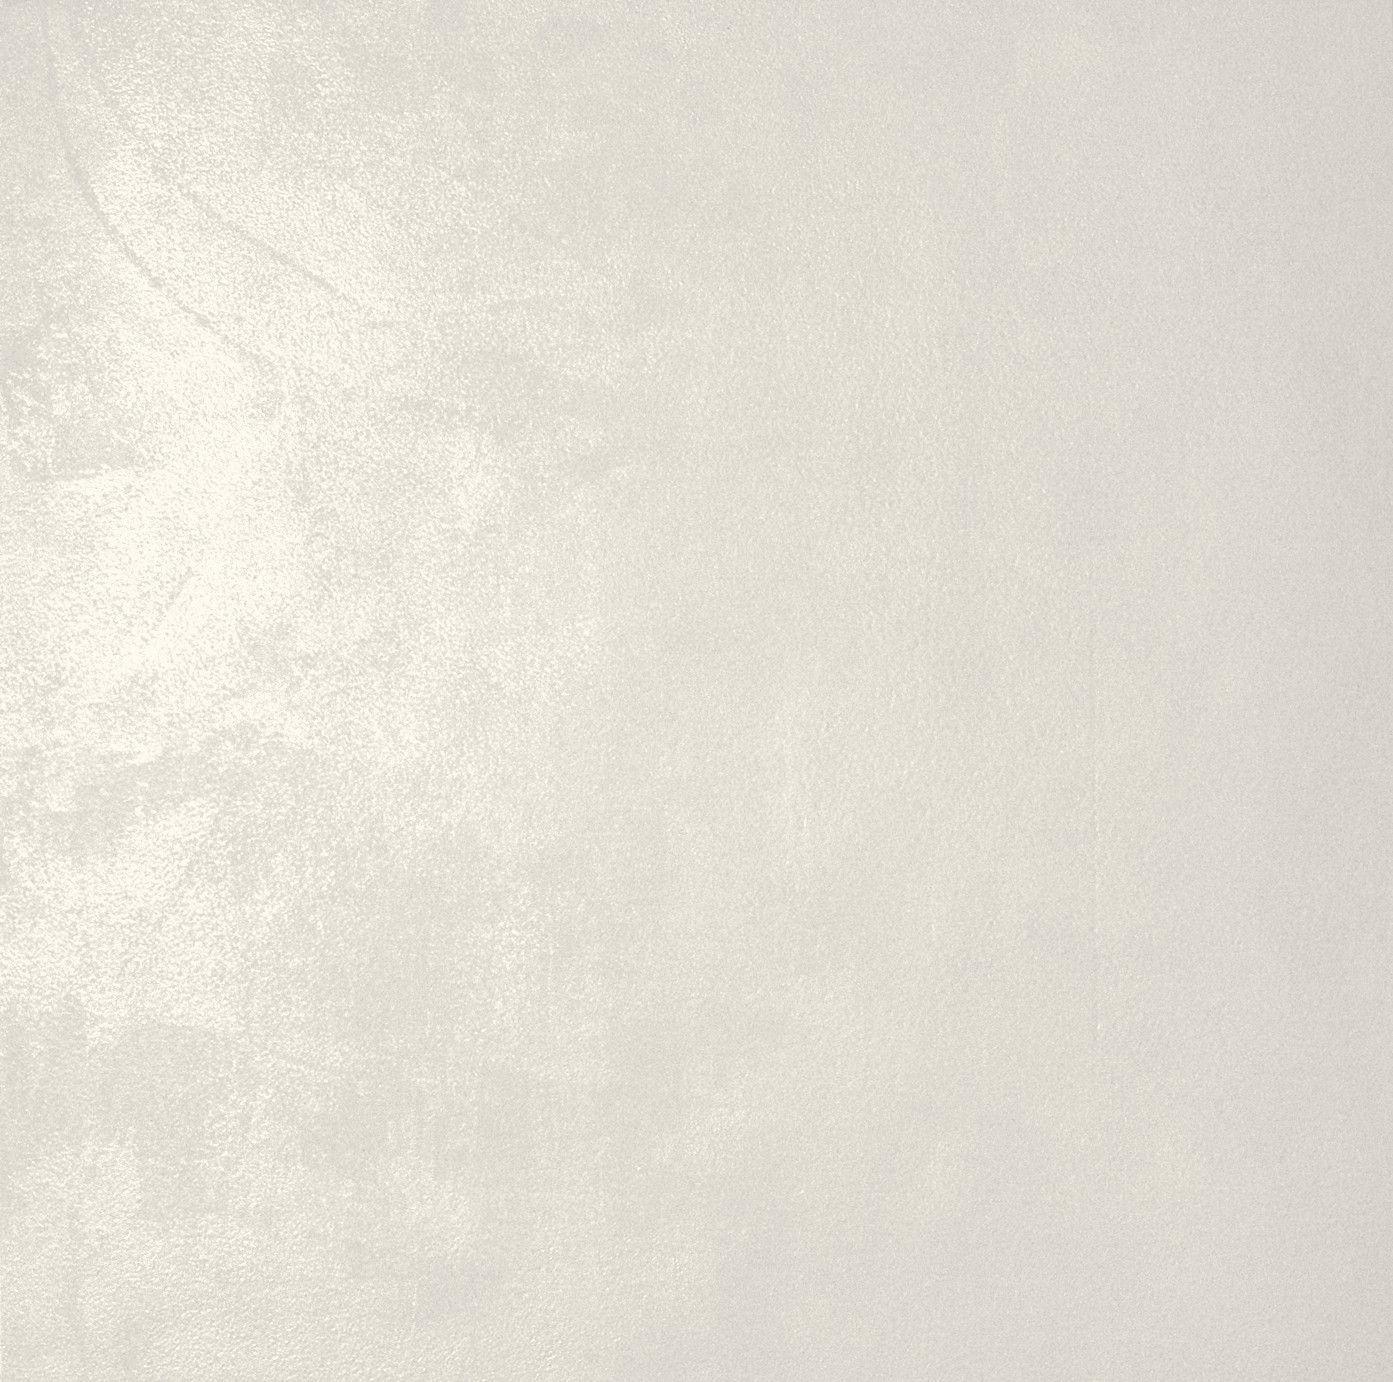 Carrelage Béton Ciré Blanc en grès cérame rectifié. Pour plus d ...